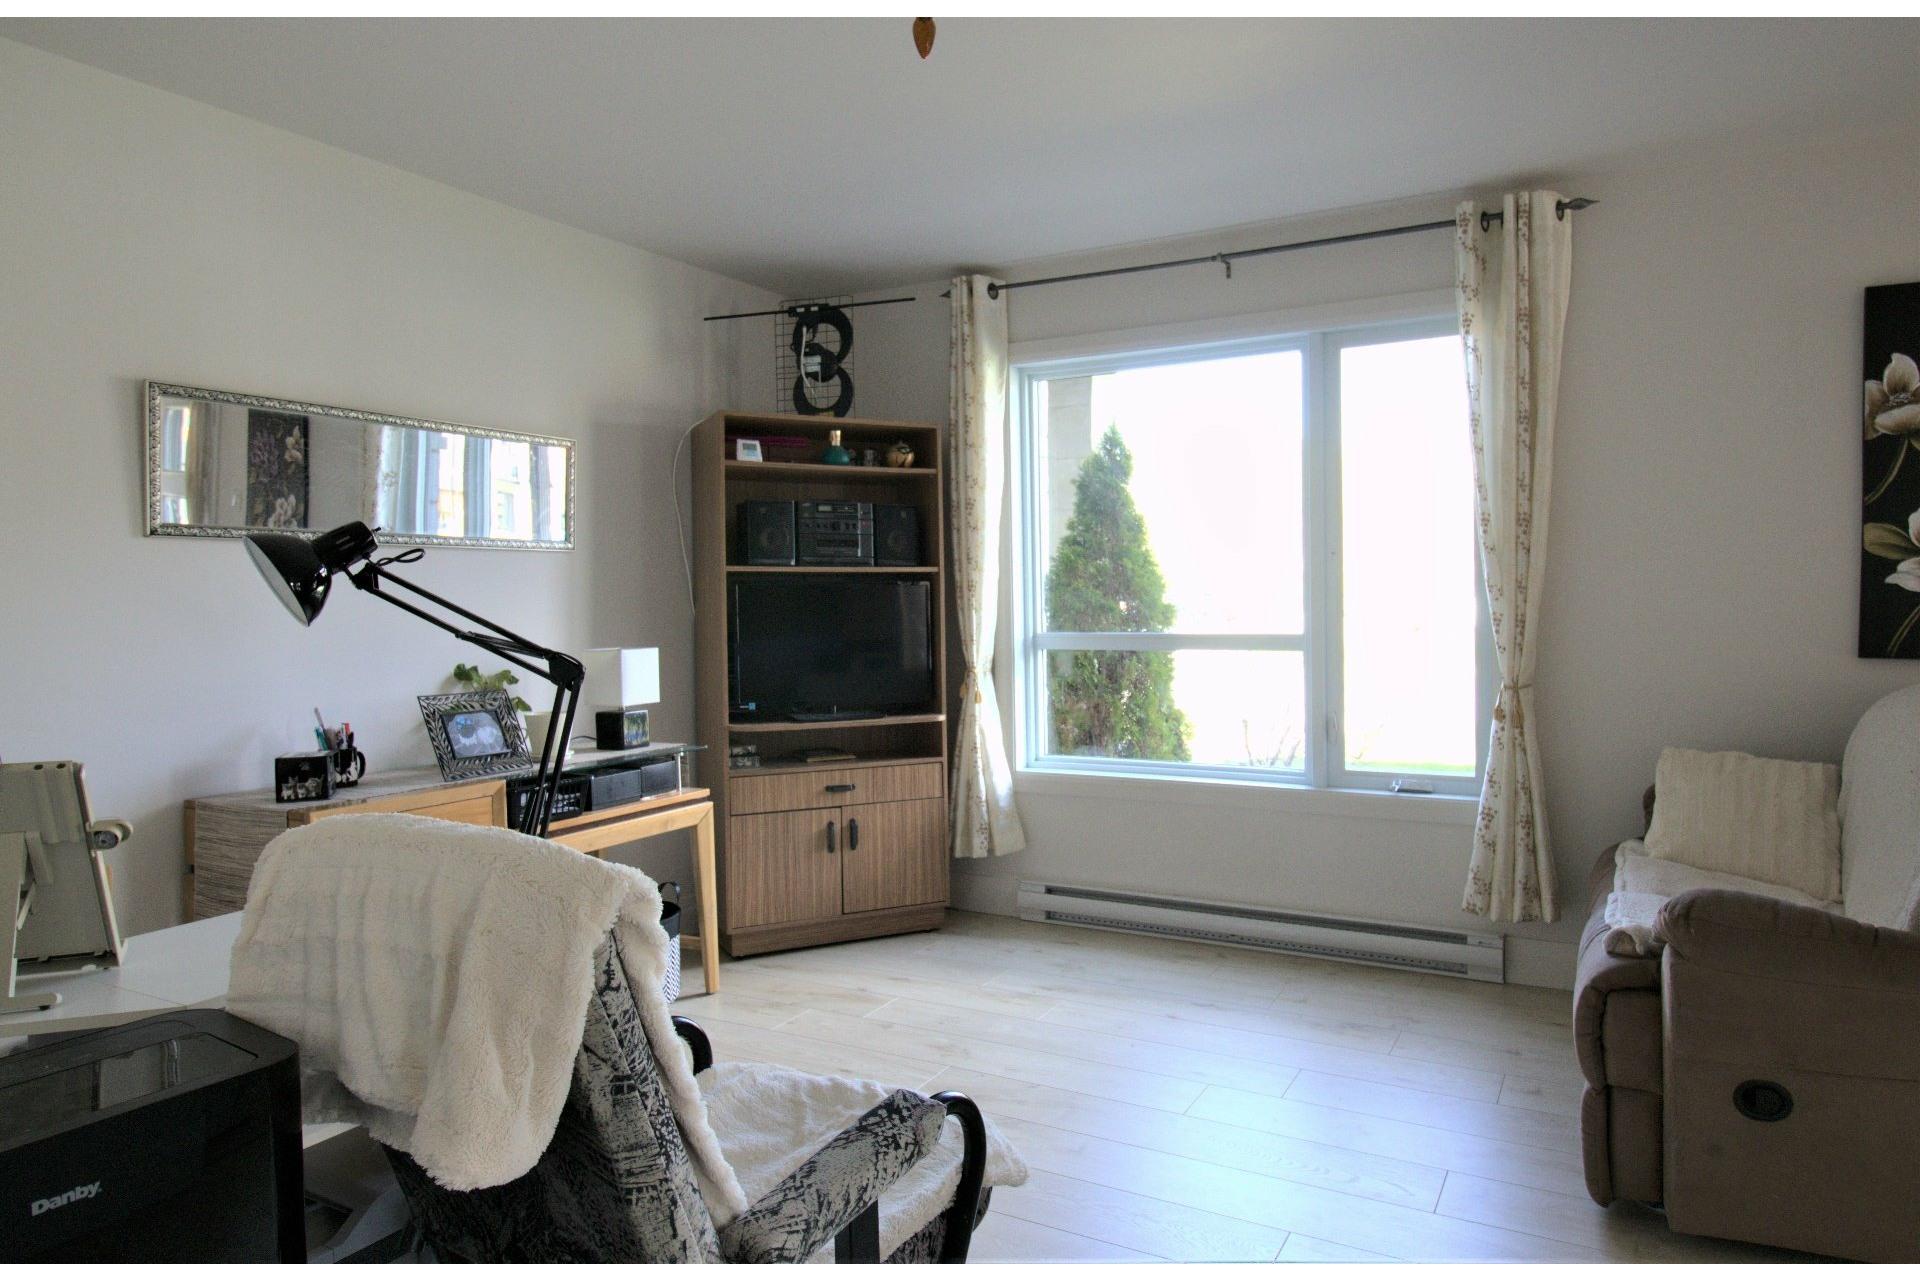 image 5 - Appartement À vendre Trois-Rivières - 5 pièces